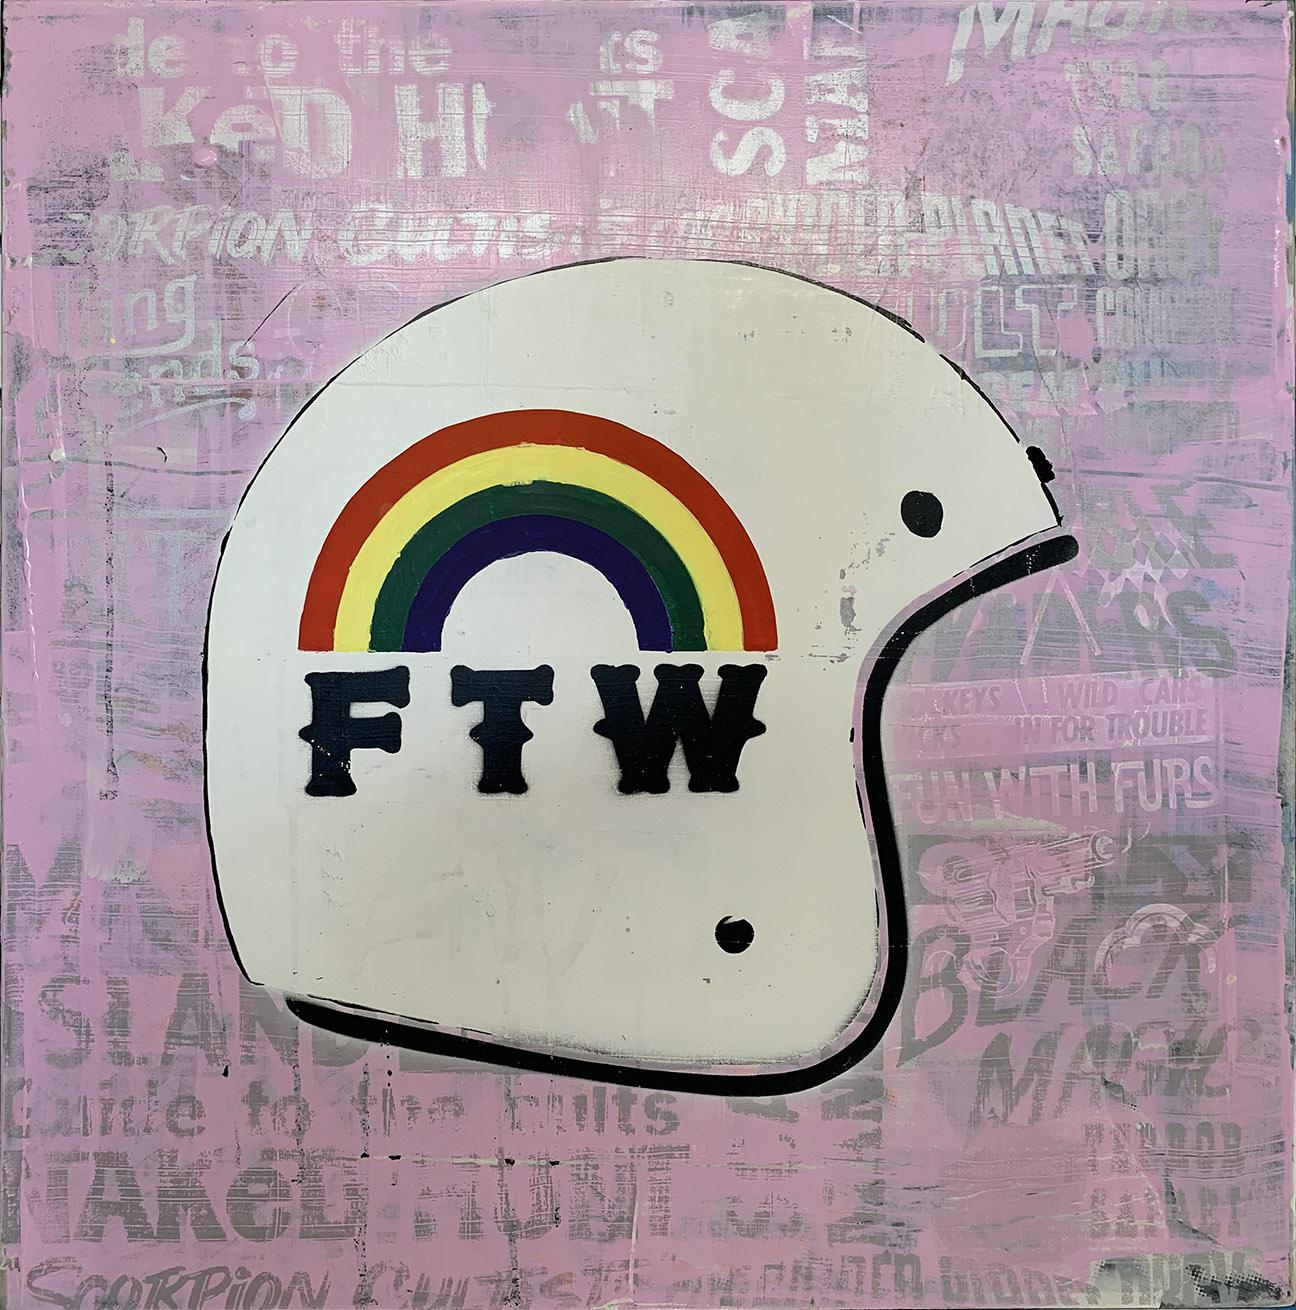 OTR_FTW_web.jpg